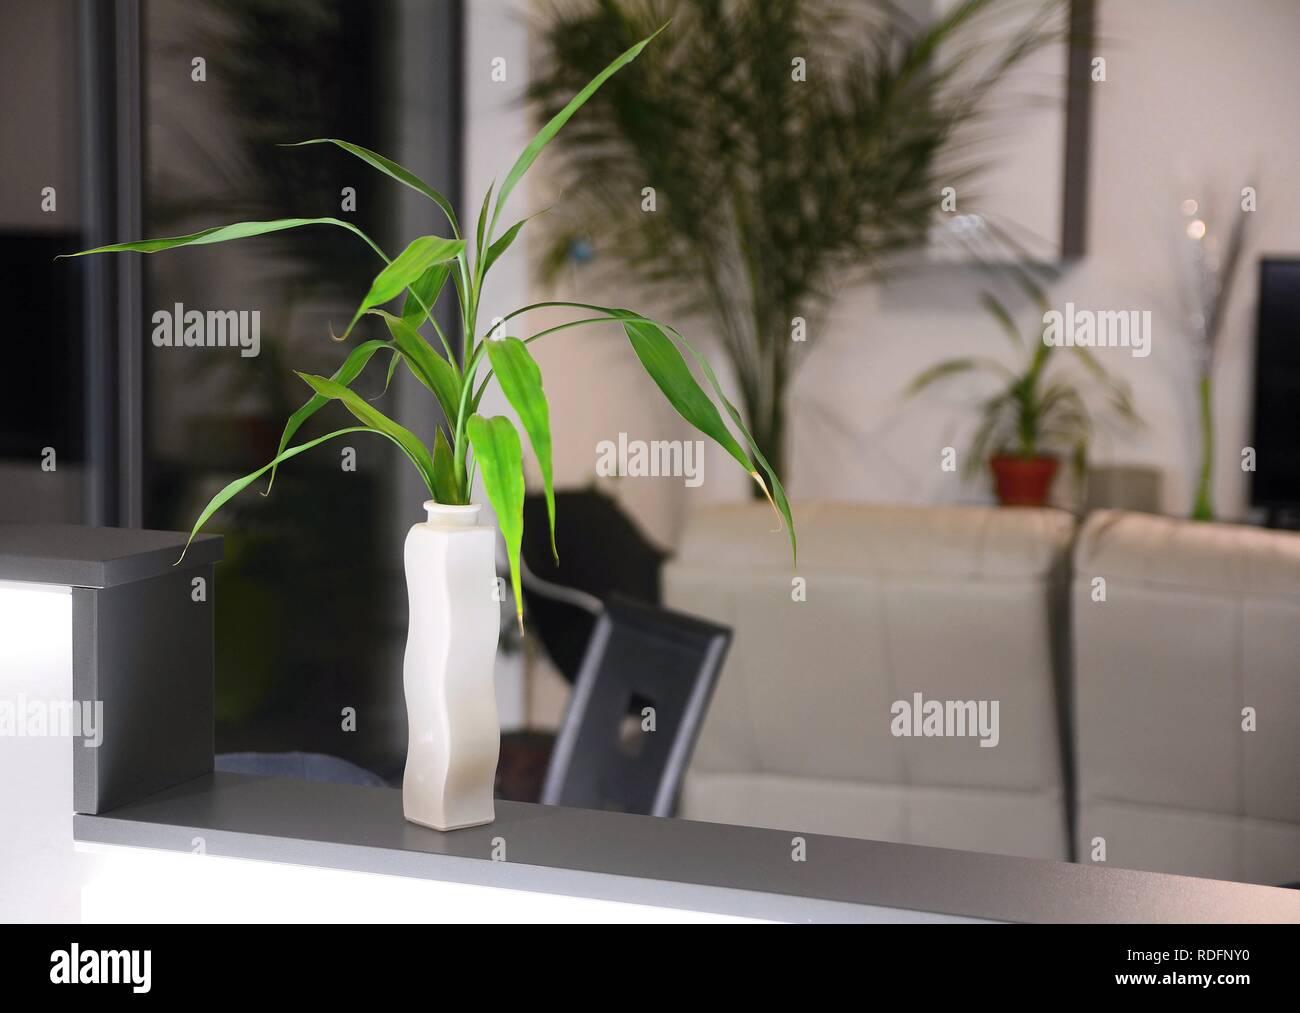 Modernes Wohnzimmer Interieur mit frischen grünen Pflanzen ...